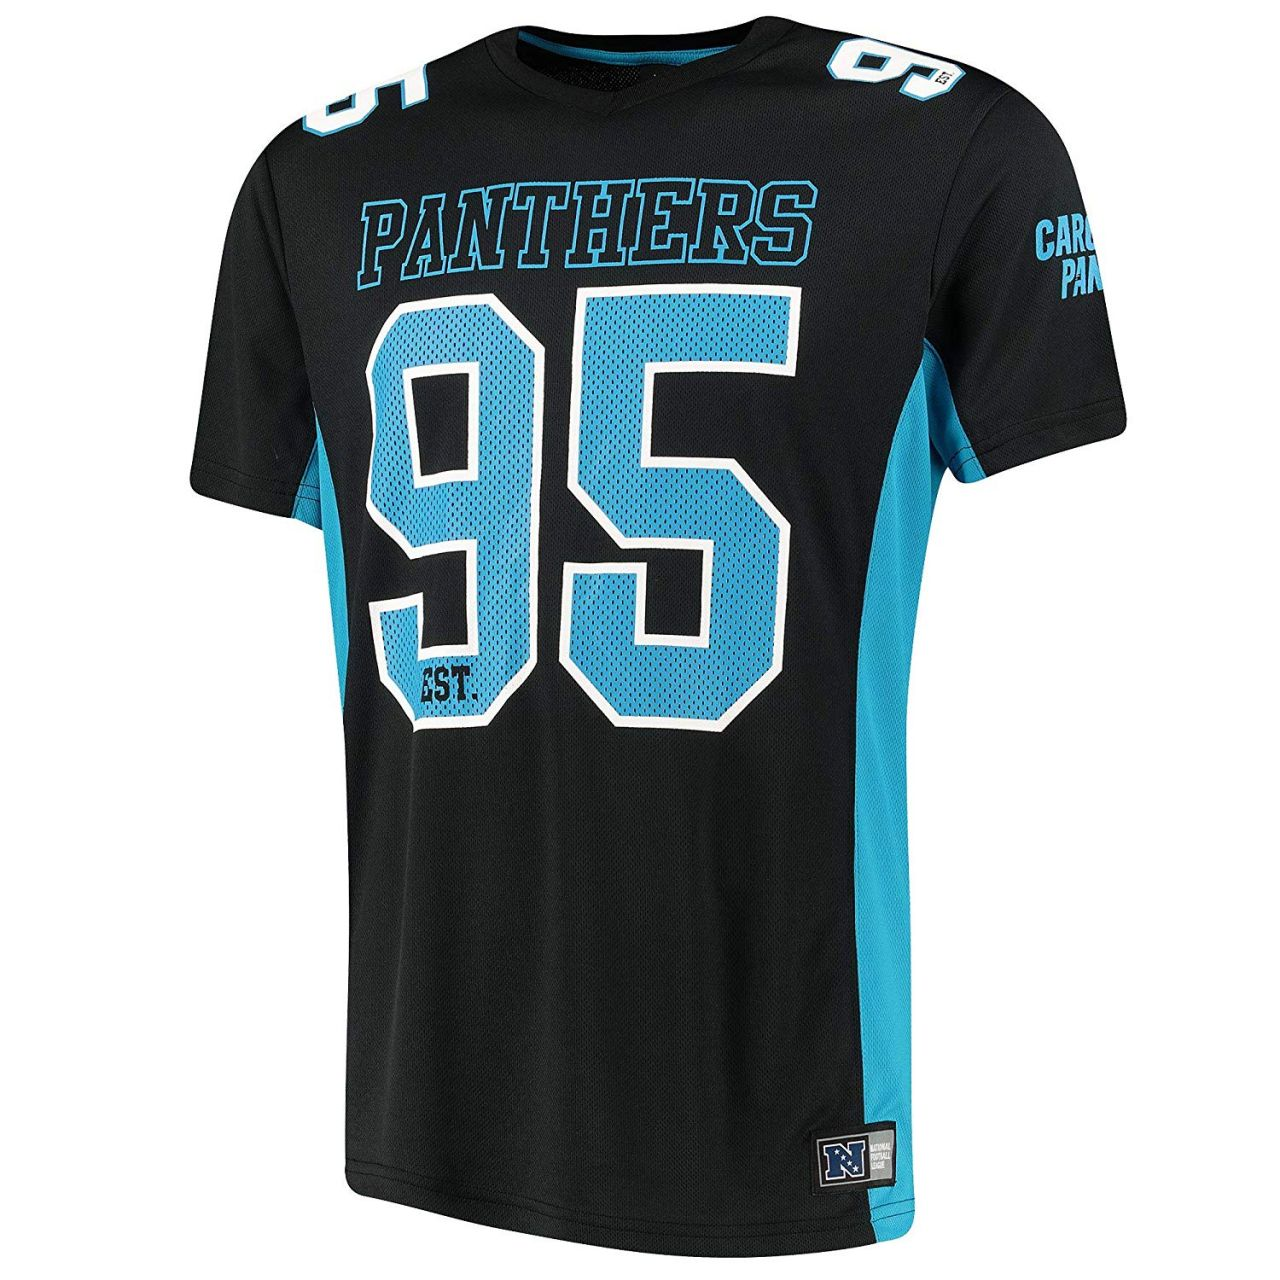 amfoo - Majestic Mesh Polyester Jersey Shirt - Carolina Panthers